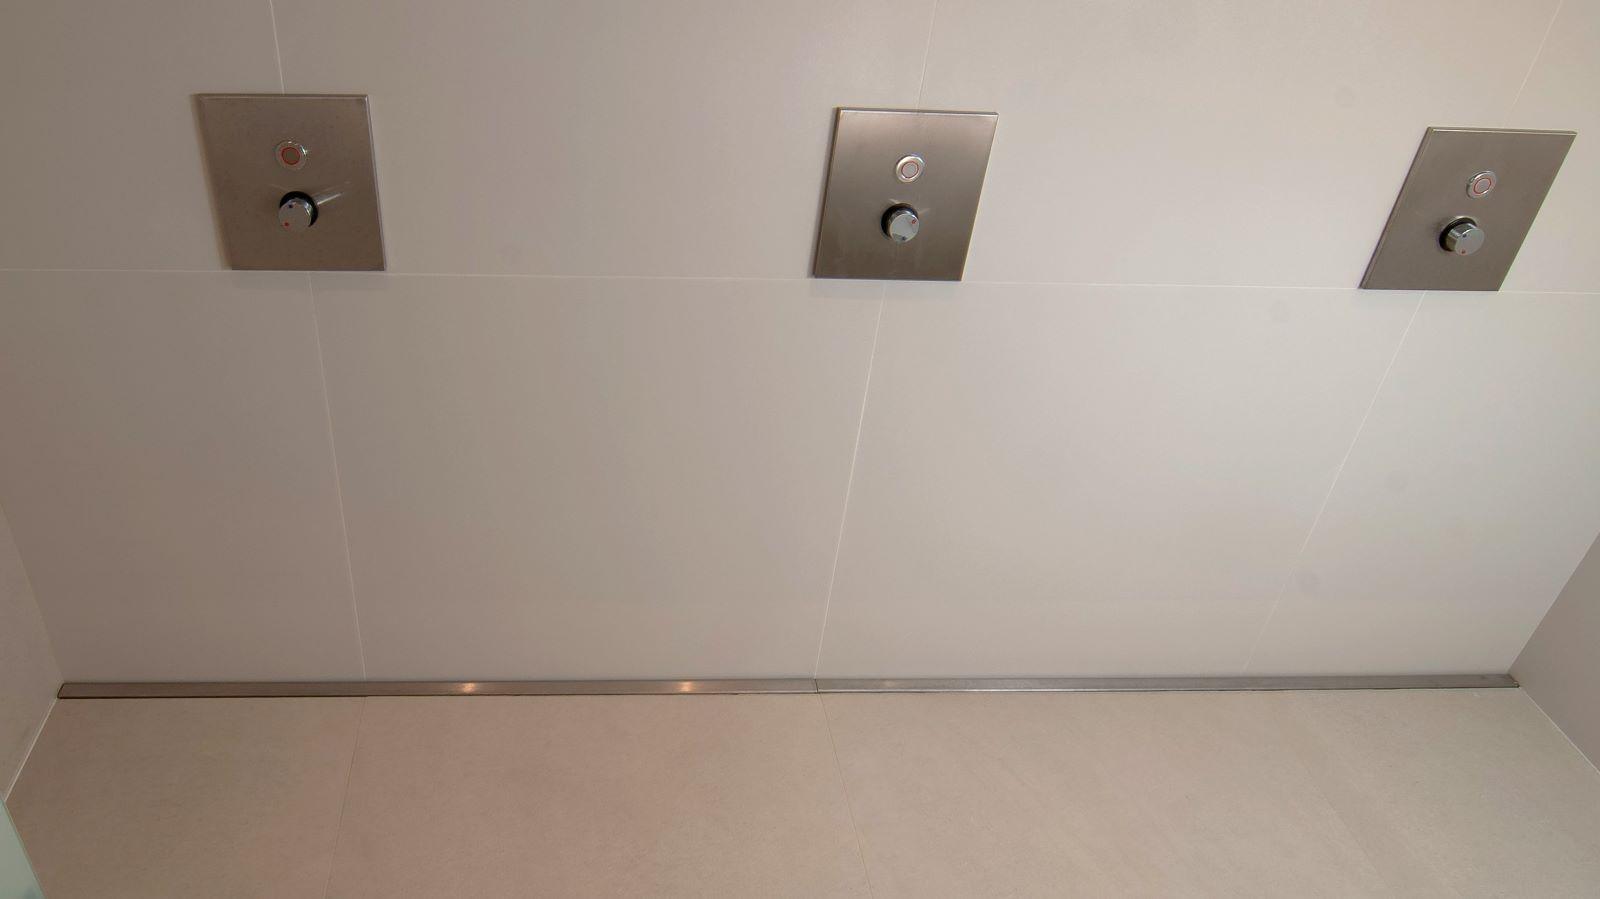 Die abbbildung zeigt die hochwertige v4a edelstahl-duschrinne pro xxl wandbuendig eingebaut in der reihendusche eines fitnessstudios. Es wurden grossformatige wand- und bodenfliesen verwendet. Die extra lange duschrinne pro xxl und die xxl fliesen zusammen sorgen fuer eine plegeleichte, barrierefreie, optisch ansprechende reihendusche mit nur einer gefaellerichtung. Mit ihrer sehr hohen ablaufleistung sorgt sie fuer eine sehr effiziente entwaesserung von reihenduschen. Die duschrinne pro xxl wird cm-genau individuell fuer jede reihendusche angefertigt bis 600 cm laenge. Es ist moeglich, mehrere abfluesse einzubauen. Die position und richtung jedes ablaufes ist frei waehlbar. Es gibt eine ablaufvariante fuer den einbau ober- oder innerhalb der geschossdecke, eine weitere abflussvariante fuer den einbau unterhalb einer geschossdecke. Diese sonderanfertigungen ermoeglichen es haeufig, dass kein podest notwendig ist. Die duschrinne pro xxl benoetigt kein haarsieb. Dies und die leichte entfernung der abdeckung aus gebuerstetem v4a edelstahl machen die reinigung der duschrinne pro xxl schnell, einfach und hygienisch. Auf der Abbildung gut sichtbar ist auch ein weiterer vorteil der duschrinne pro xxl. Es ist nur eine gefaellerichtung in der barrierefreien reihendusche notwendig. Besonders fuer gehbehinderte menschen und rollstuhlfahrer ist das sicher und angenehm.